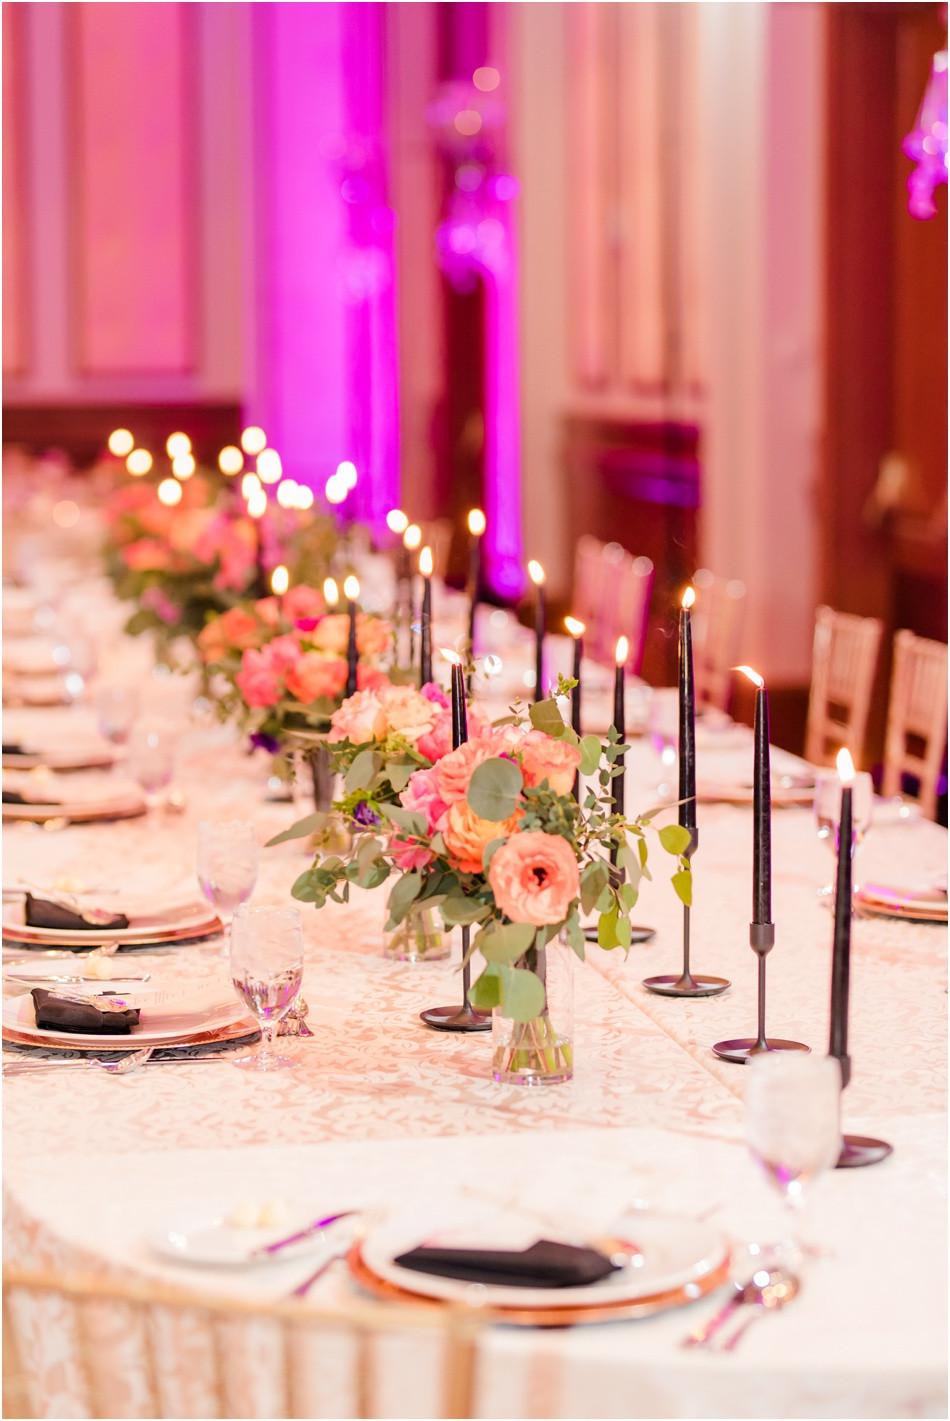 Conrad-hotel-wedding-reception-decor